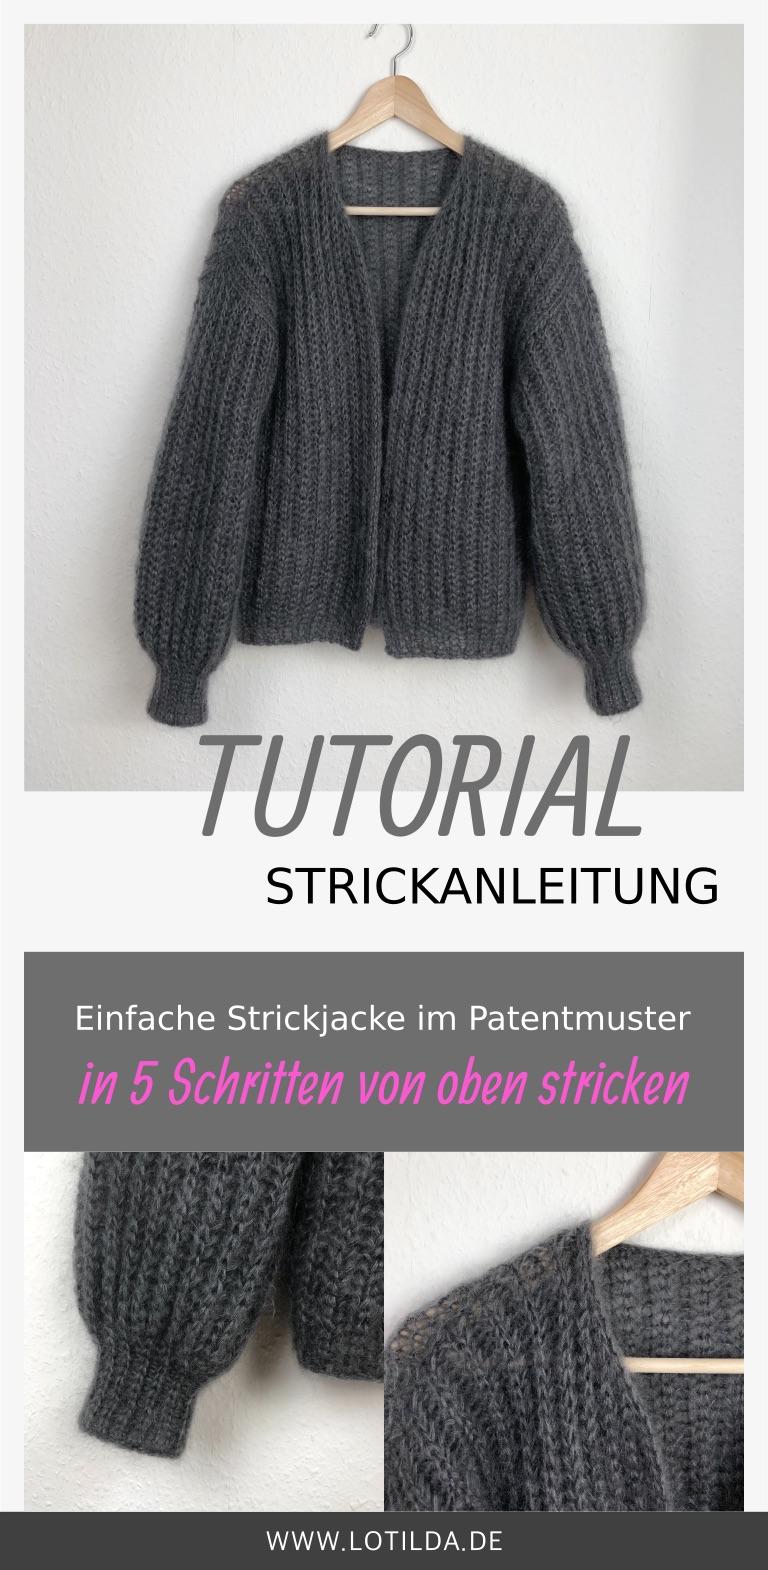 Tutorial Strickanleitung Einfache Strickjacke im Patentmuster in 5 Schritten von oben stricken